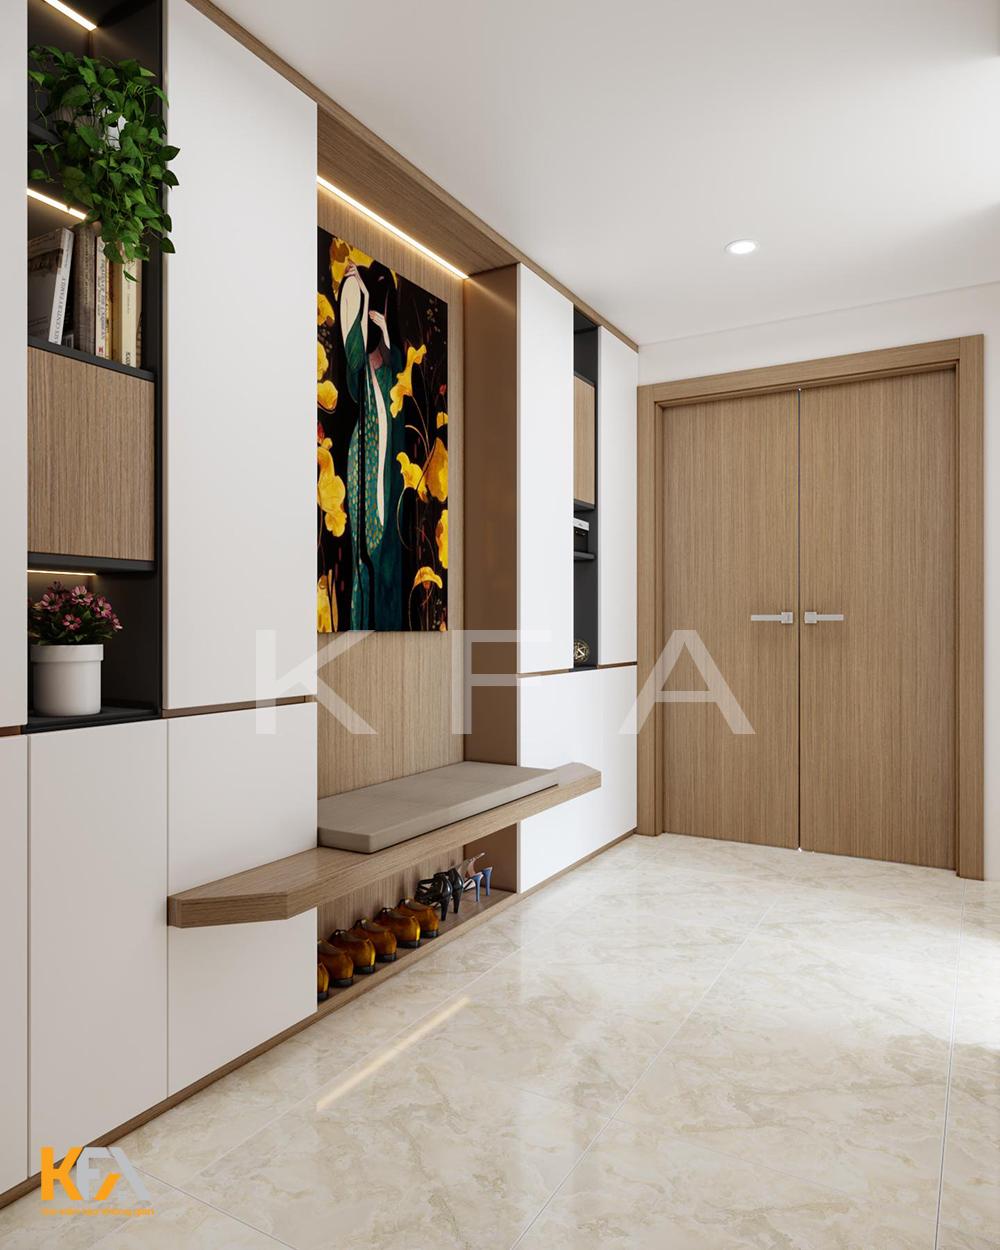 Thiết kế nội thất P17A Lake1 Ecopark bằng gỗ Laminate An Cường